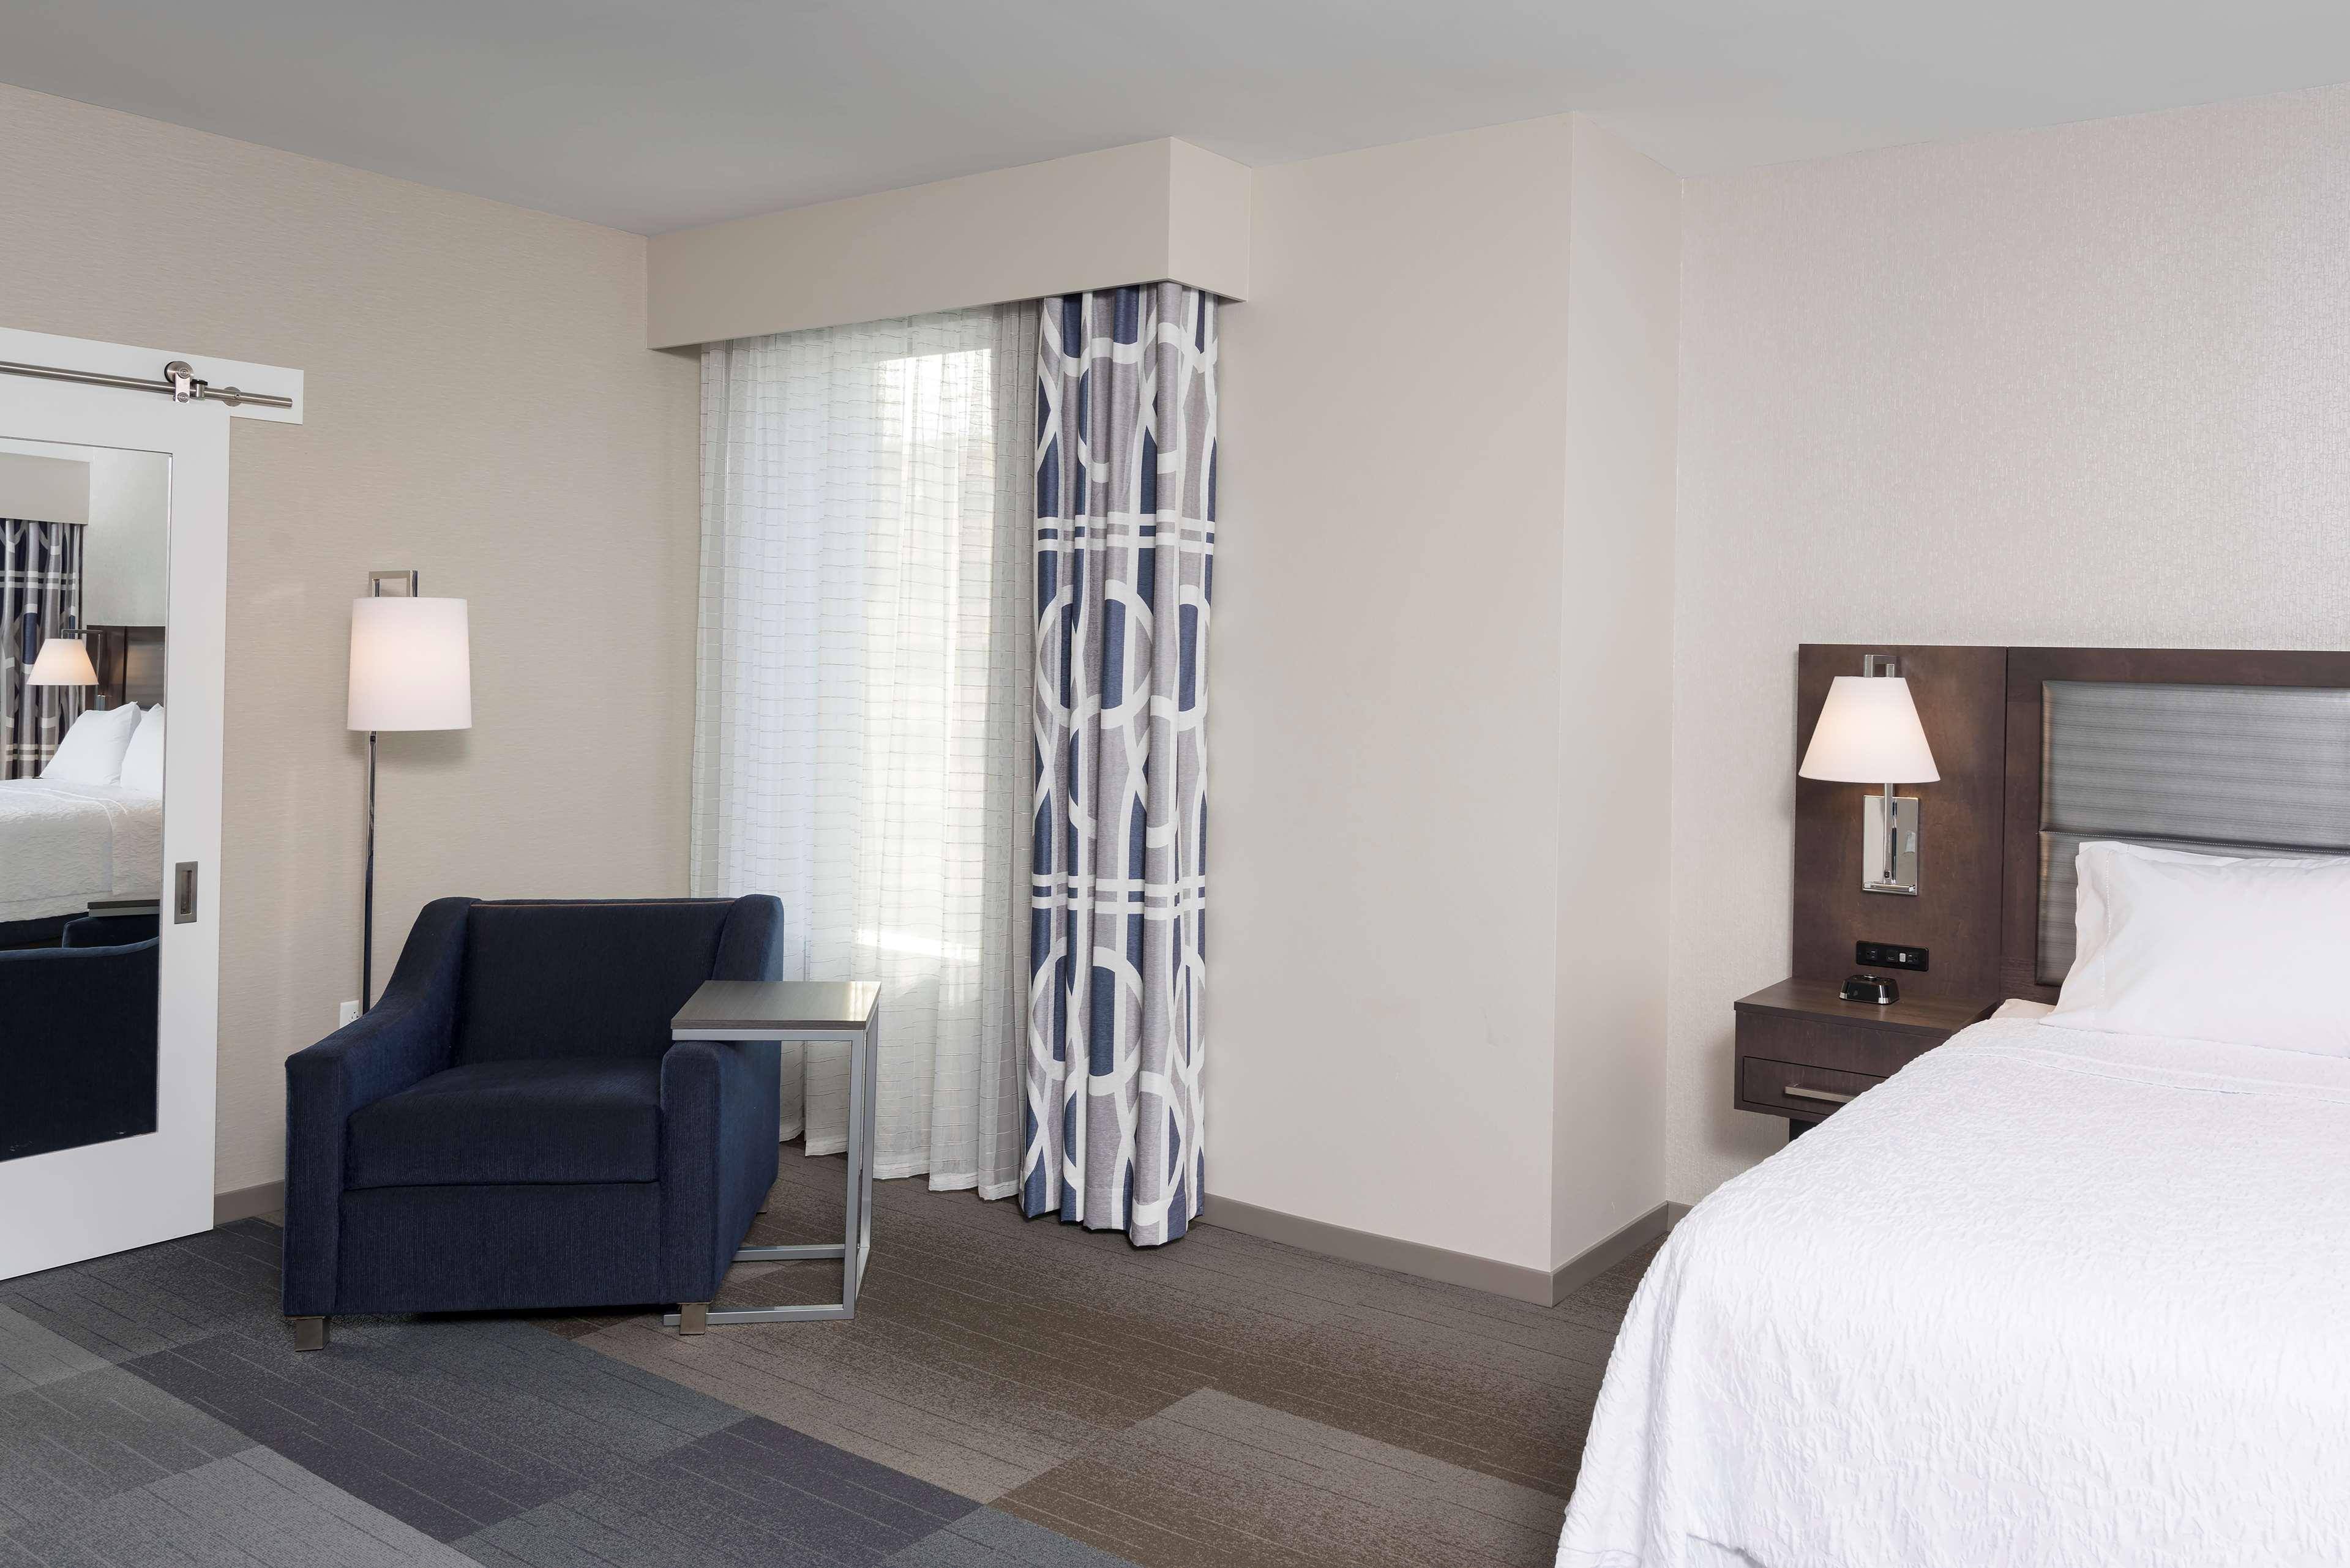 Hampton Inn & Suites Indianapolis-Keystone image 33